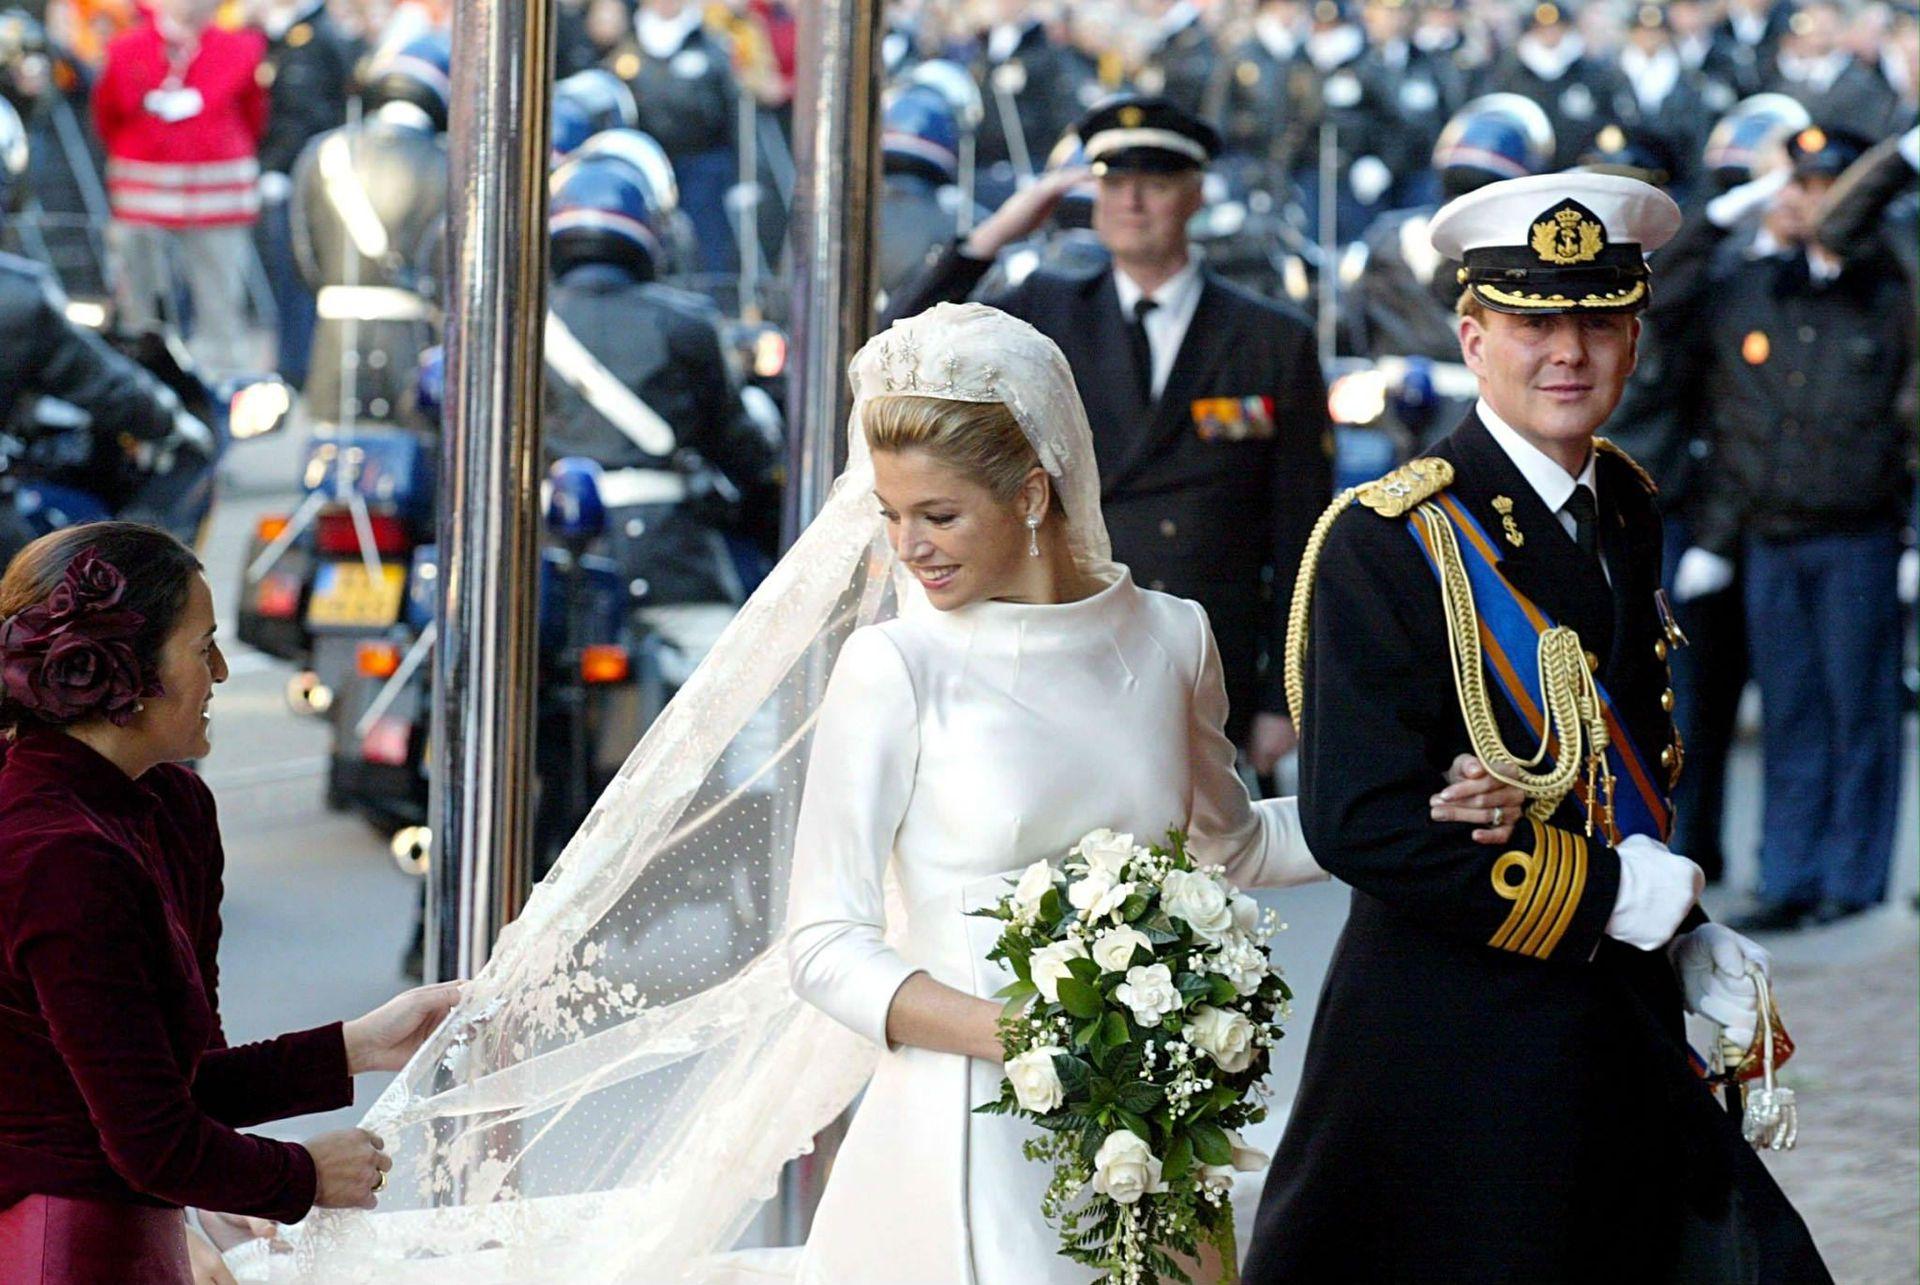 El 2 de febrero de 2002, la argentina Máxima Zorreguieta se casó con el príncipe Guillermo de Holanda